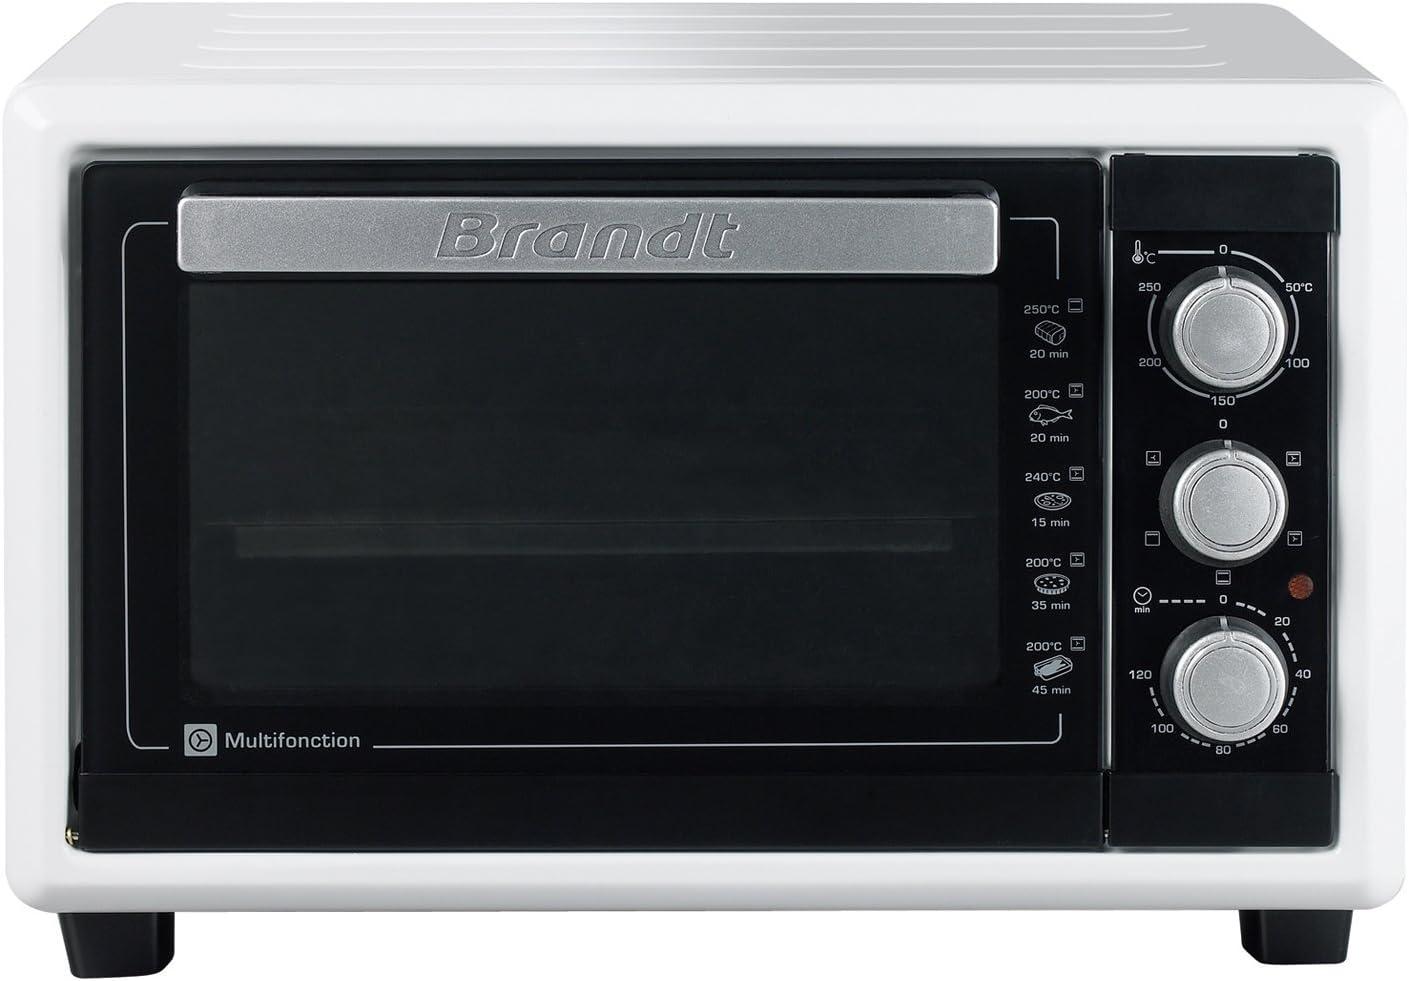 Brandt FC160MW - Mini horno multifunción (16 l, 1200 W), color blanco: Amazon.es: Hogar